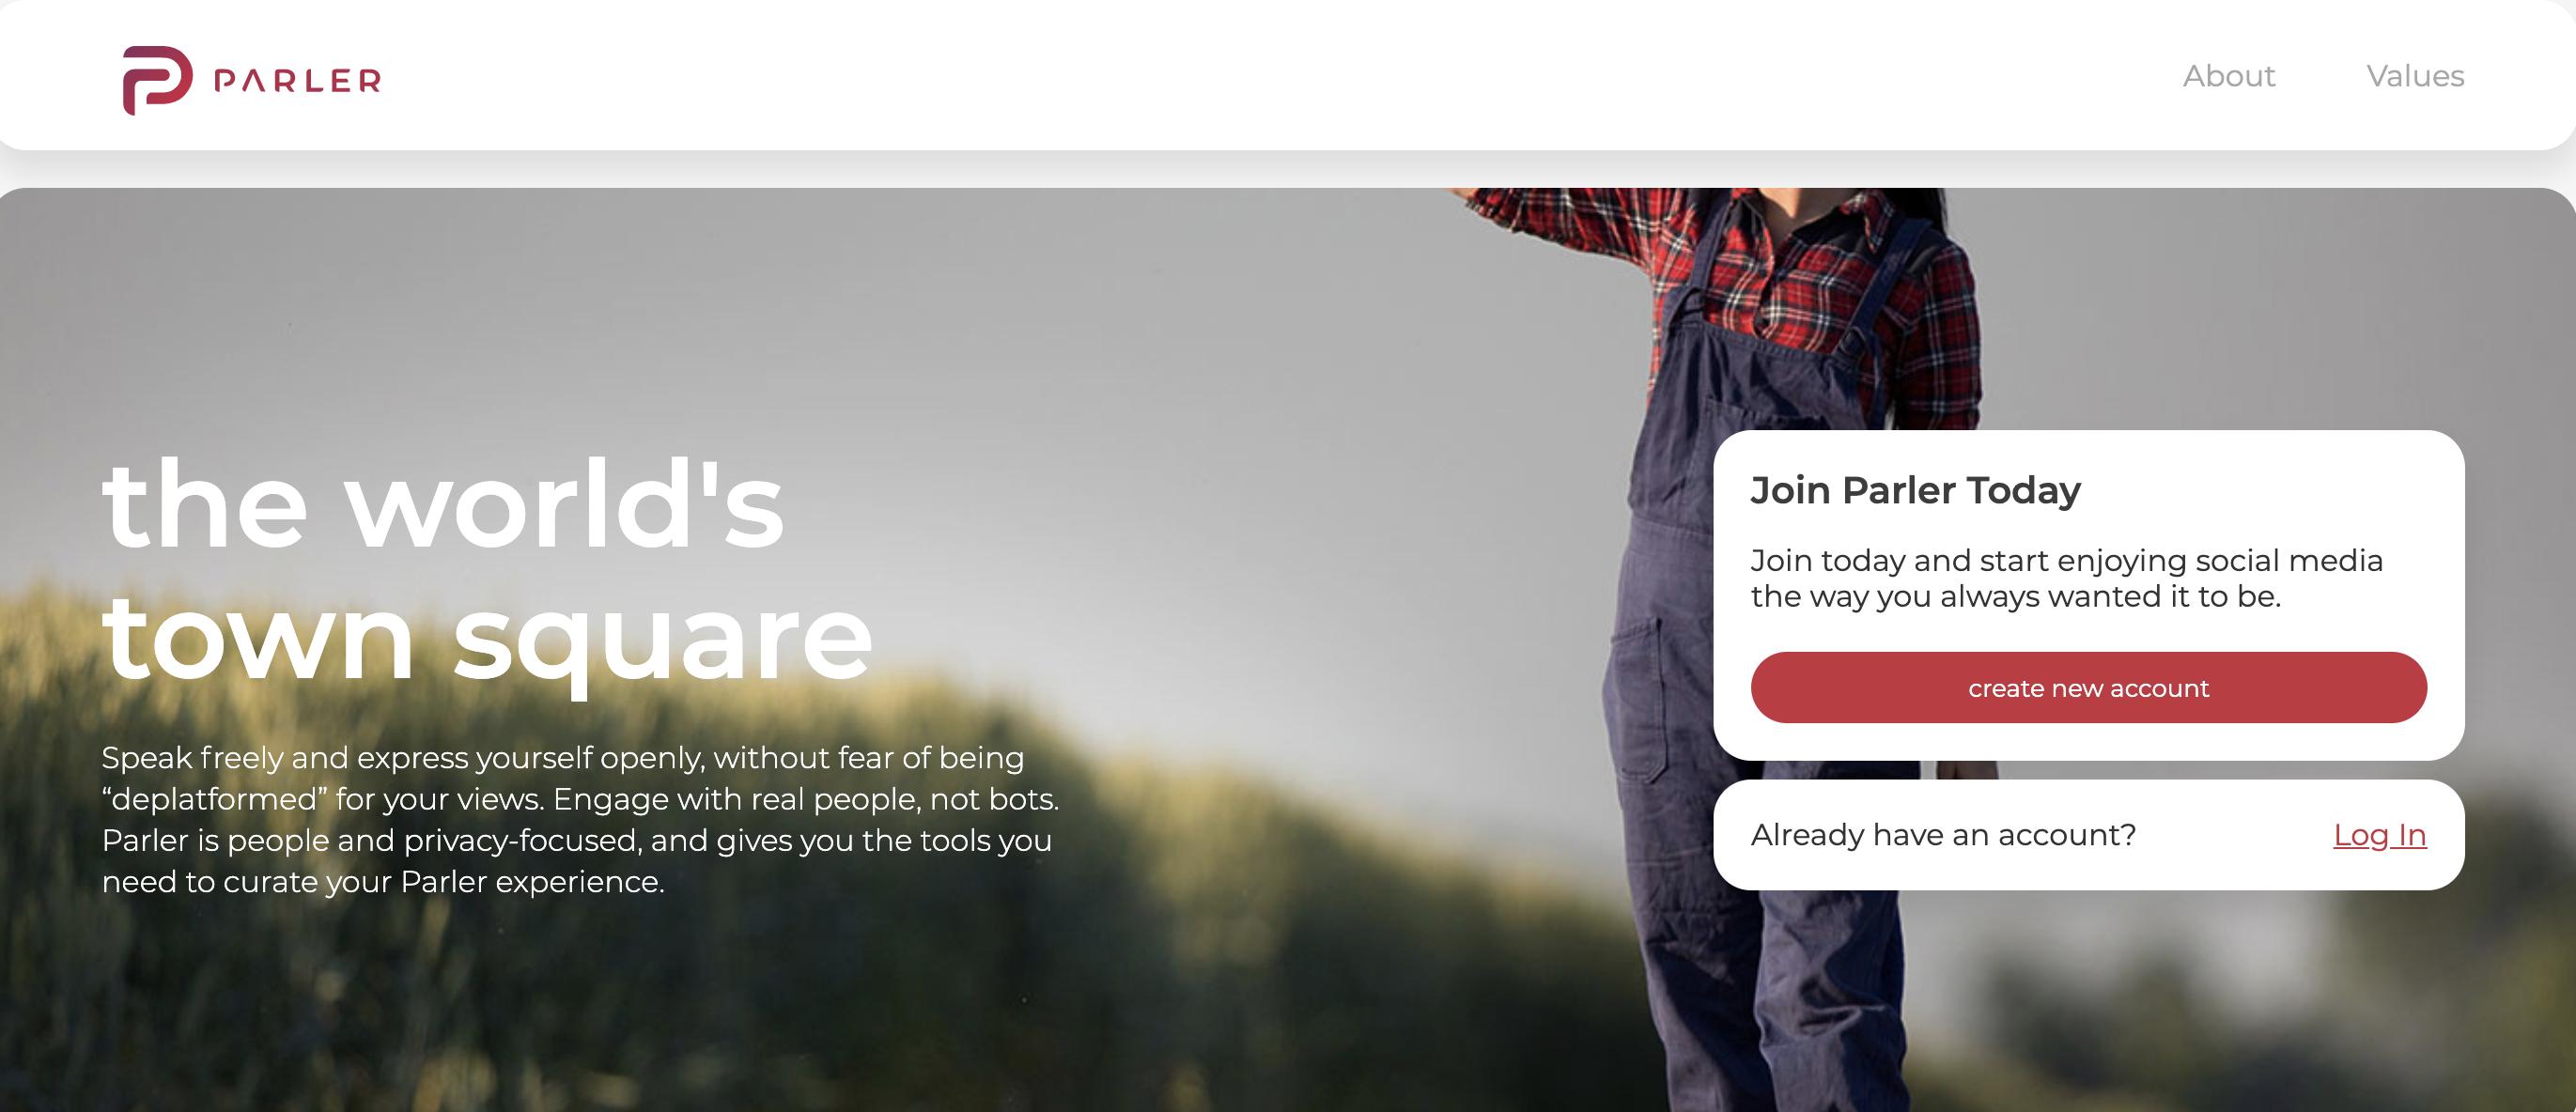 Parler Homepage